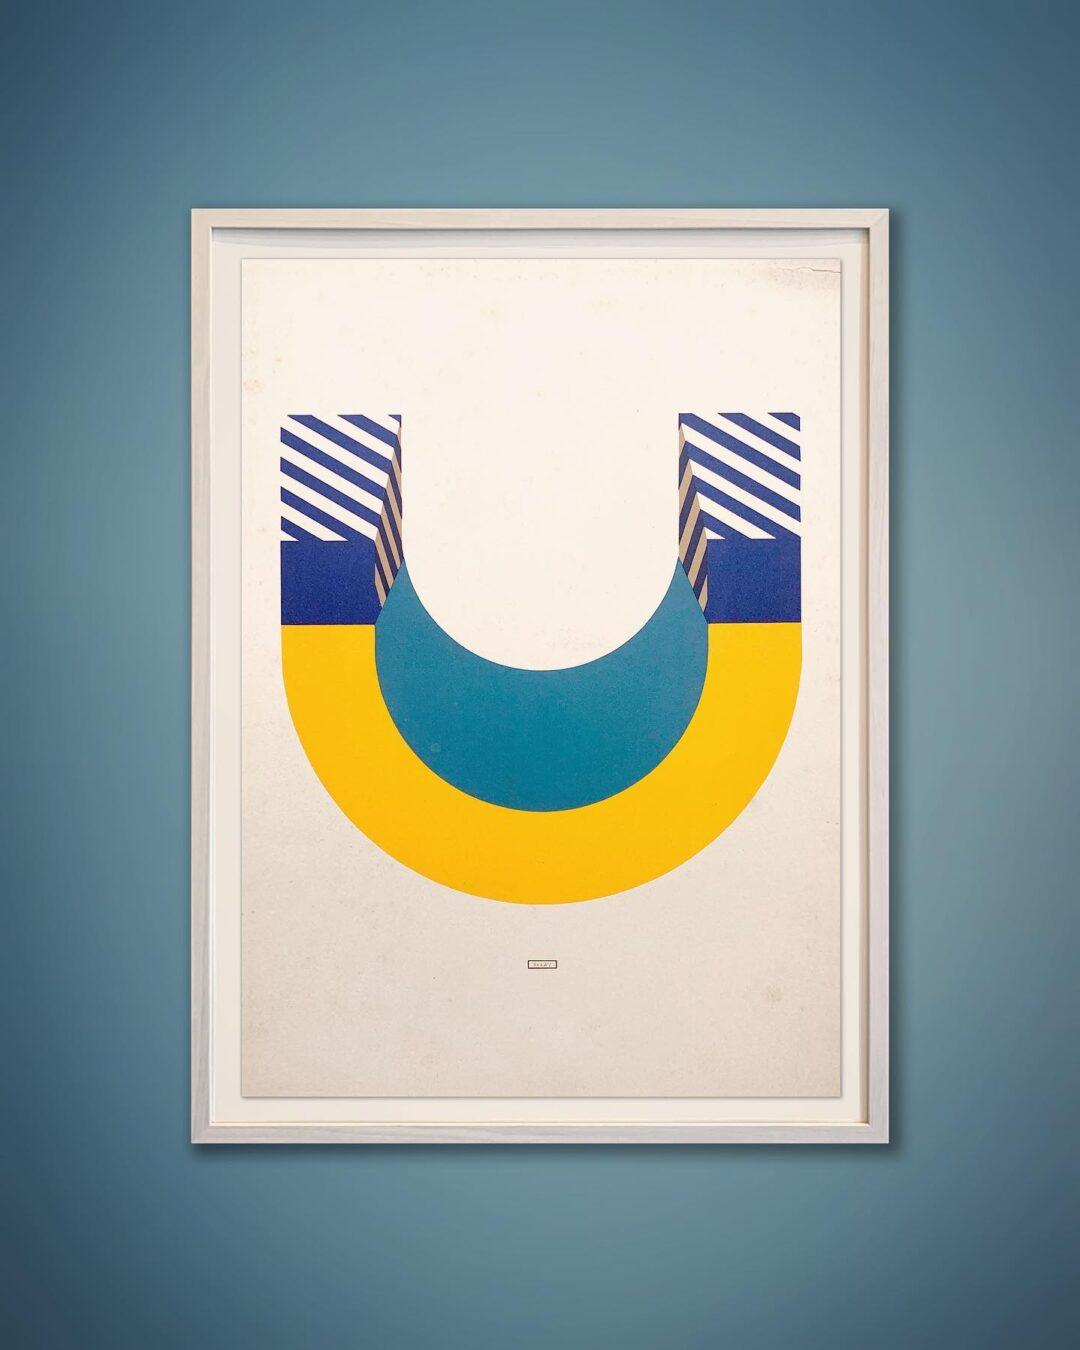 Kumi Sugaï - u jaune et bleu